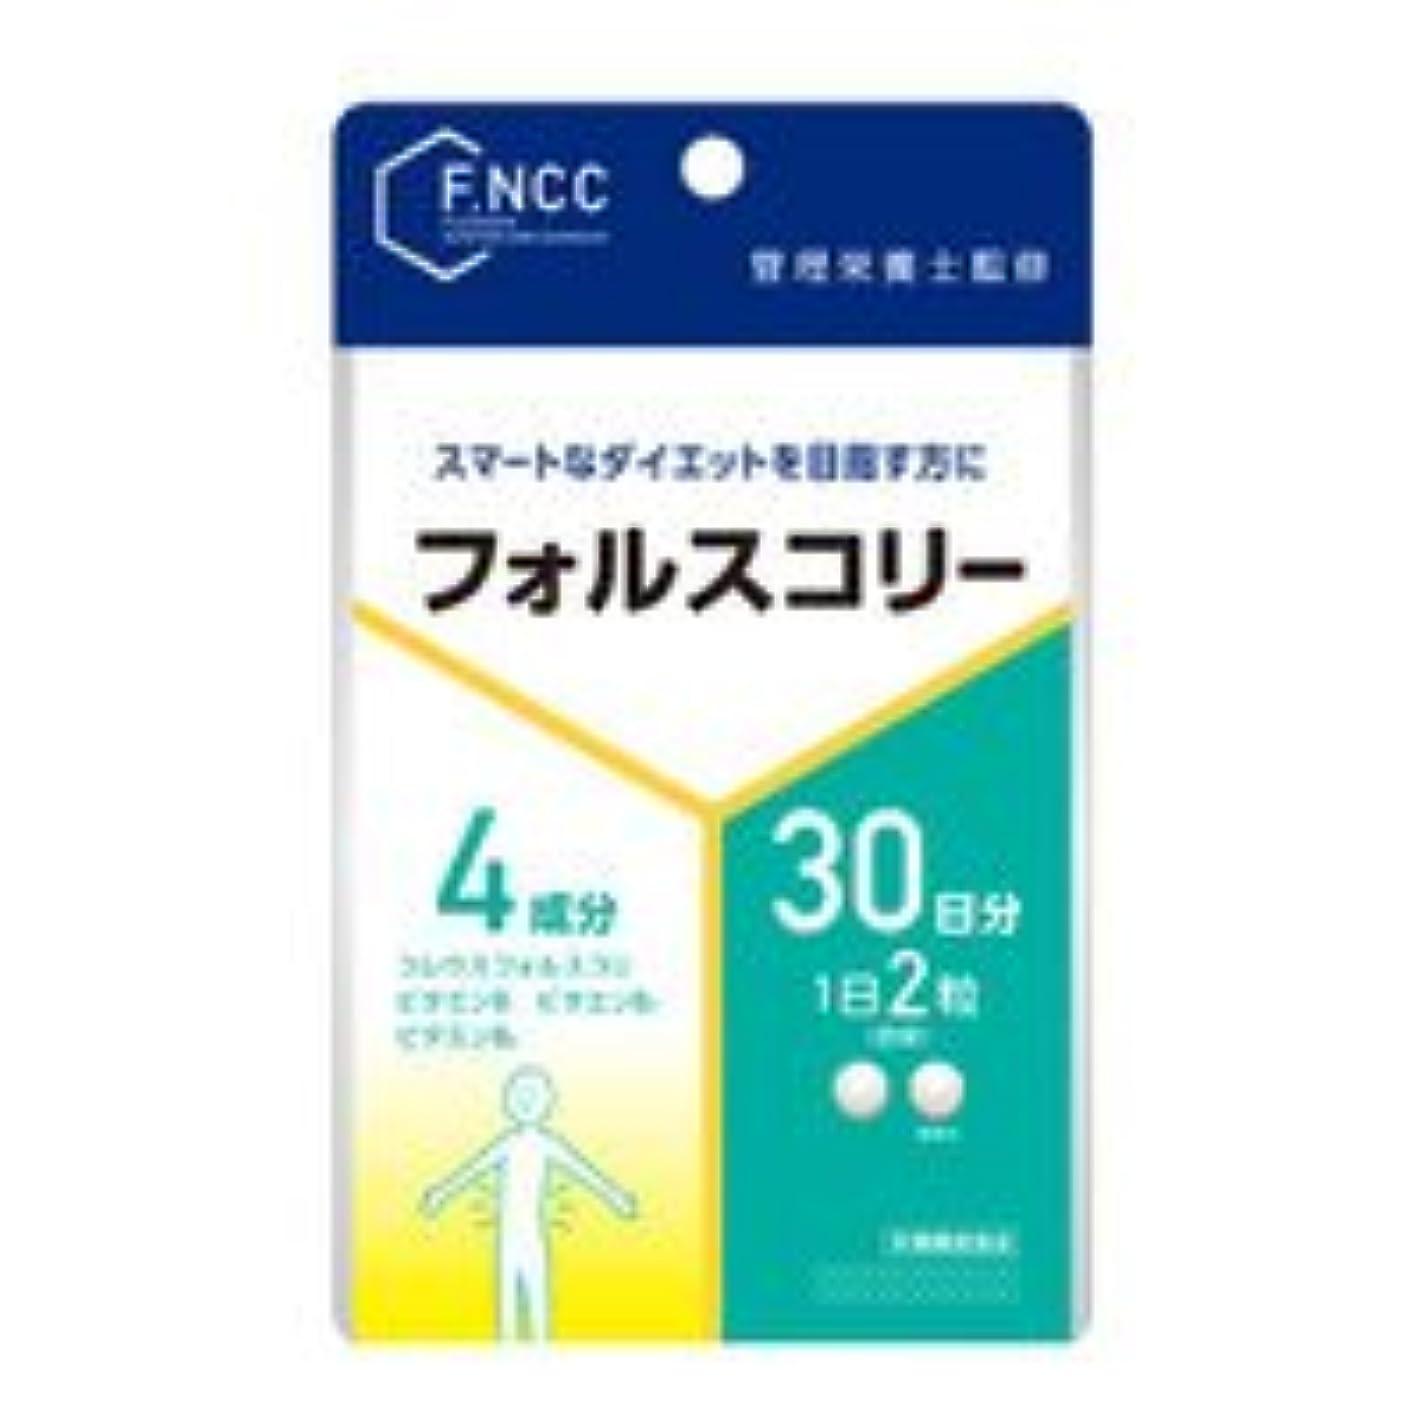 船外増強用心FNCC)フォルスコリー 30日分(60粒)